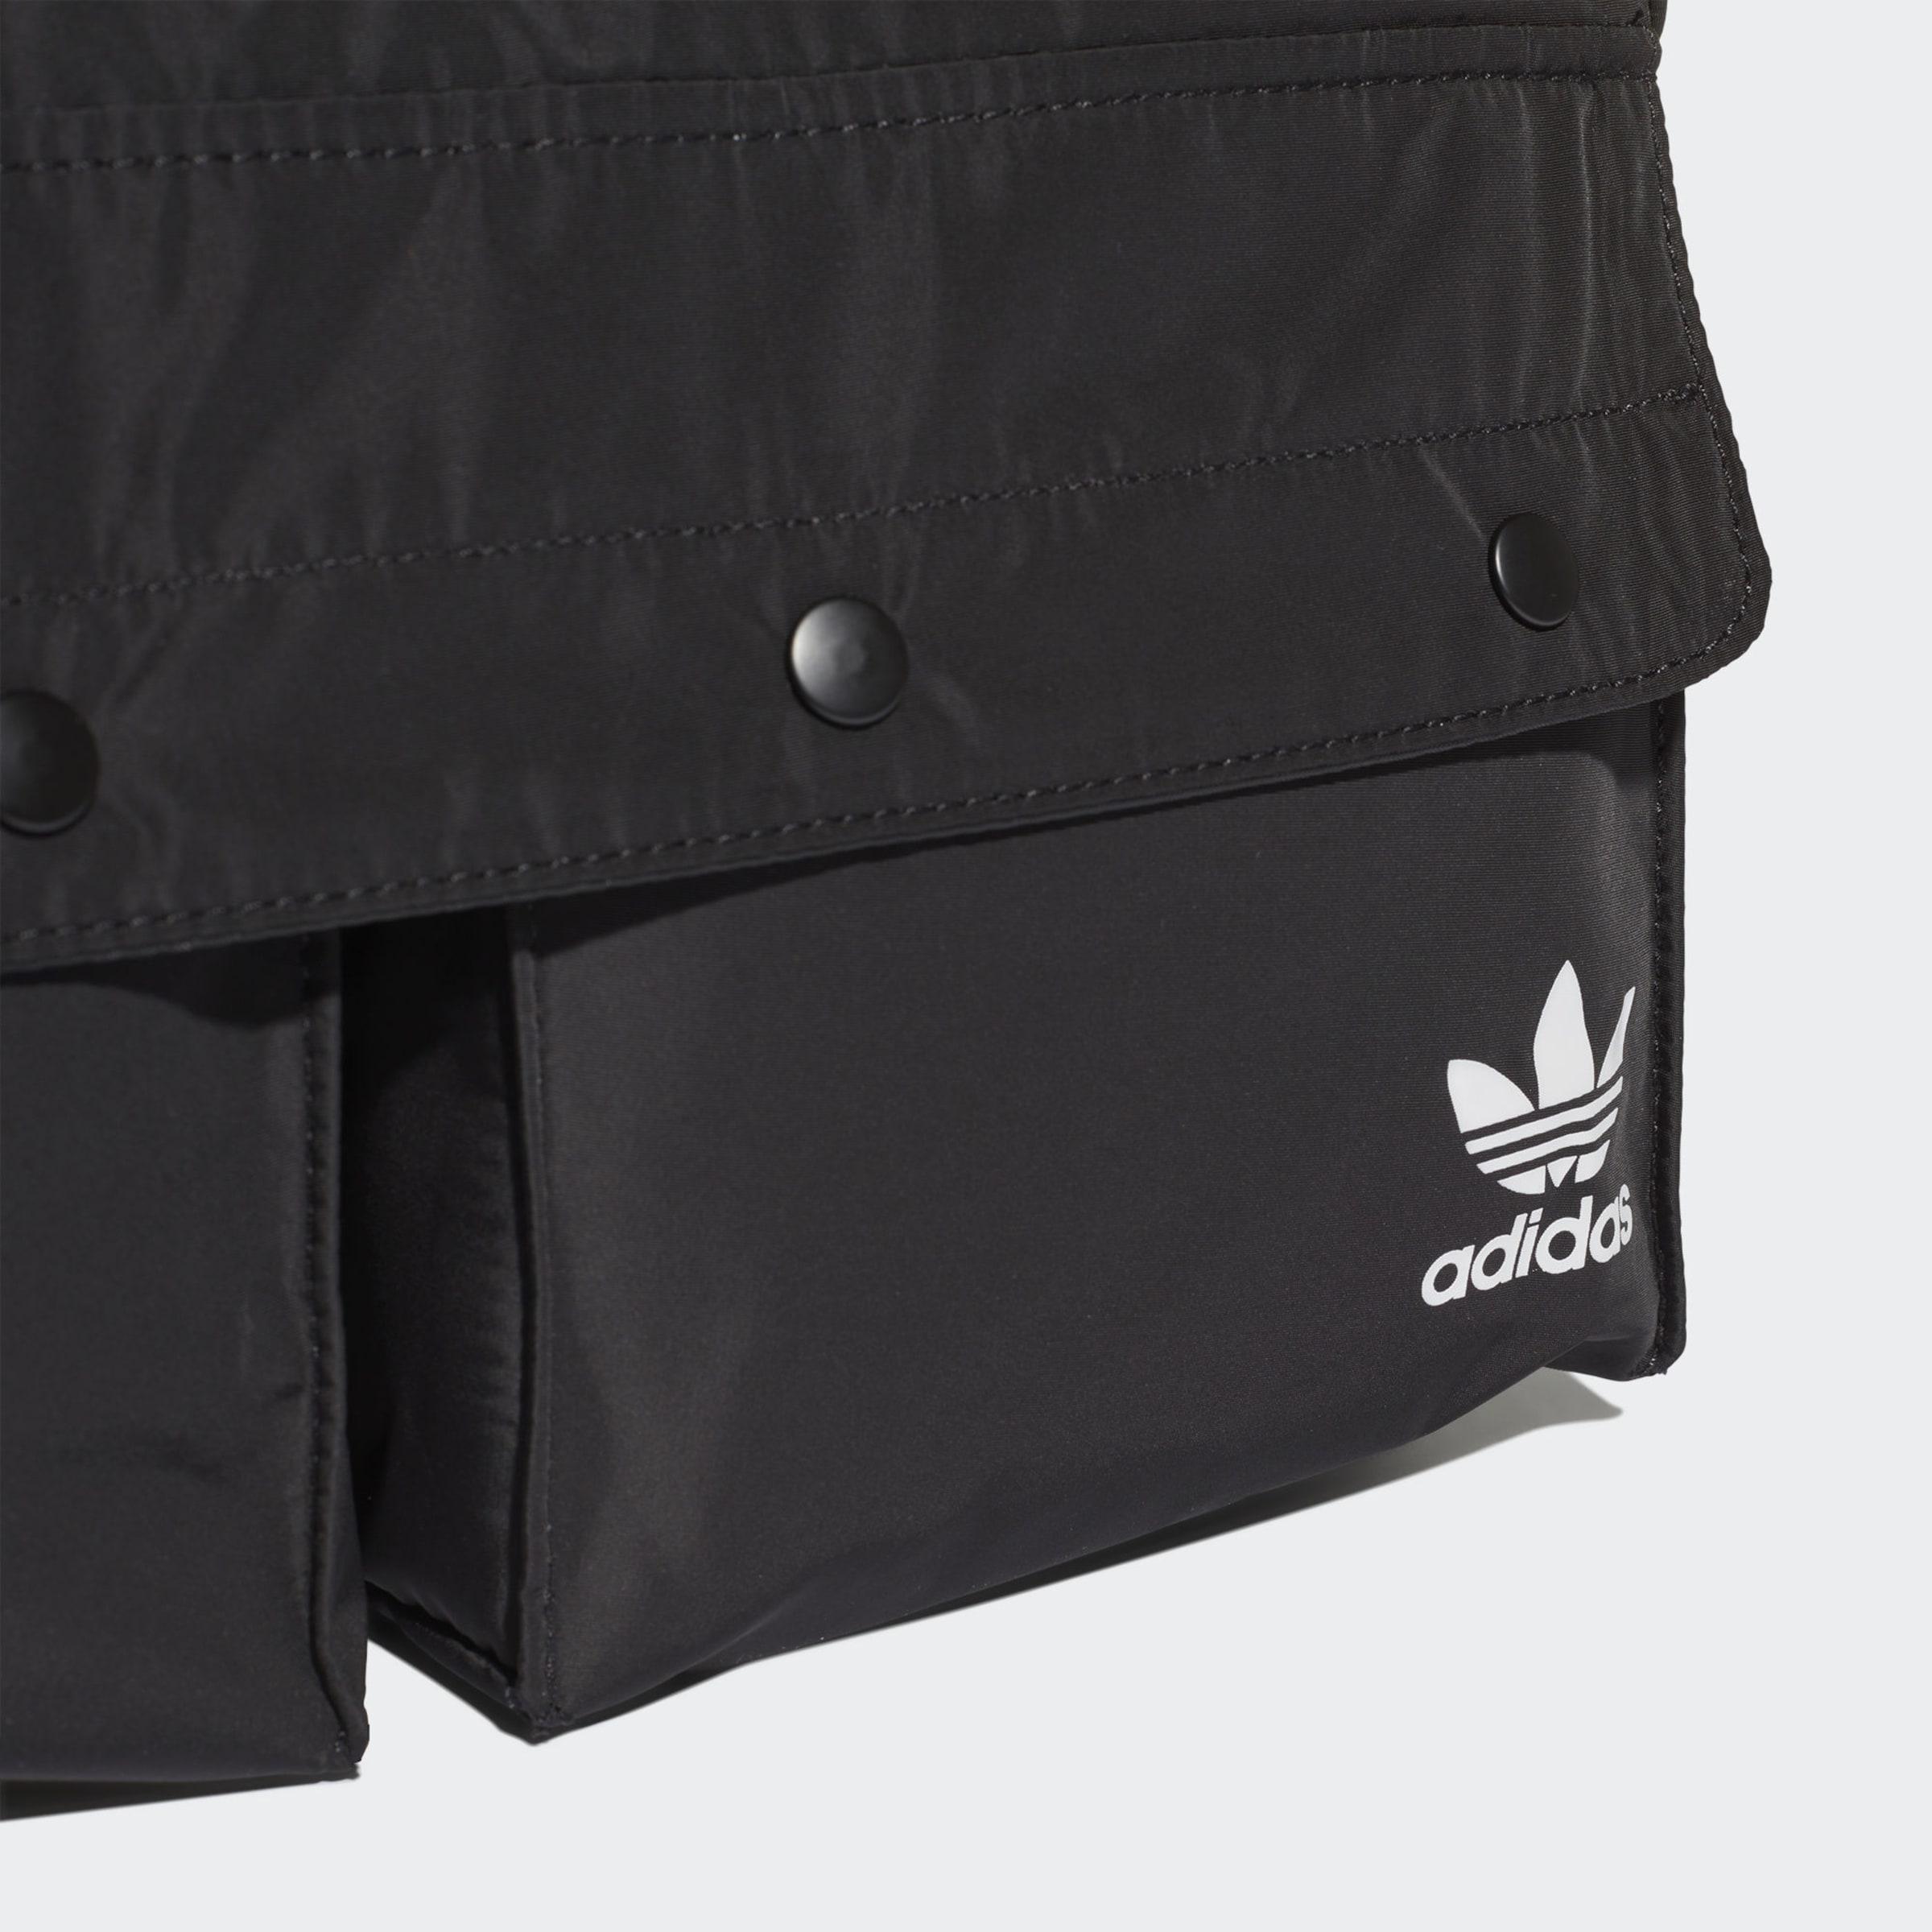 In Adidas Originals Bauchtasche 'funny' SchwarzWeiß 3A45RjL